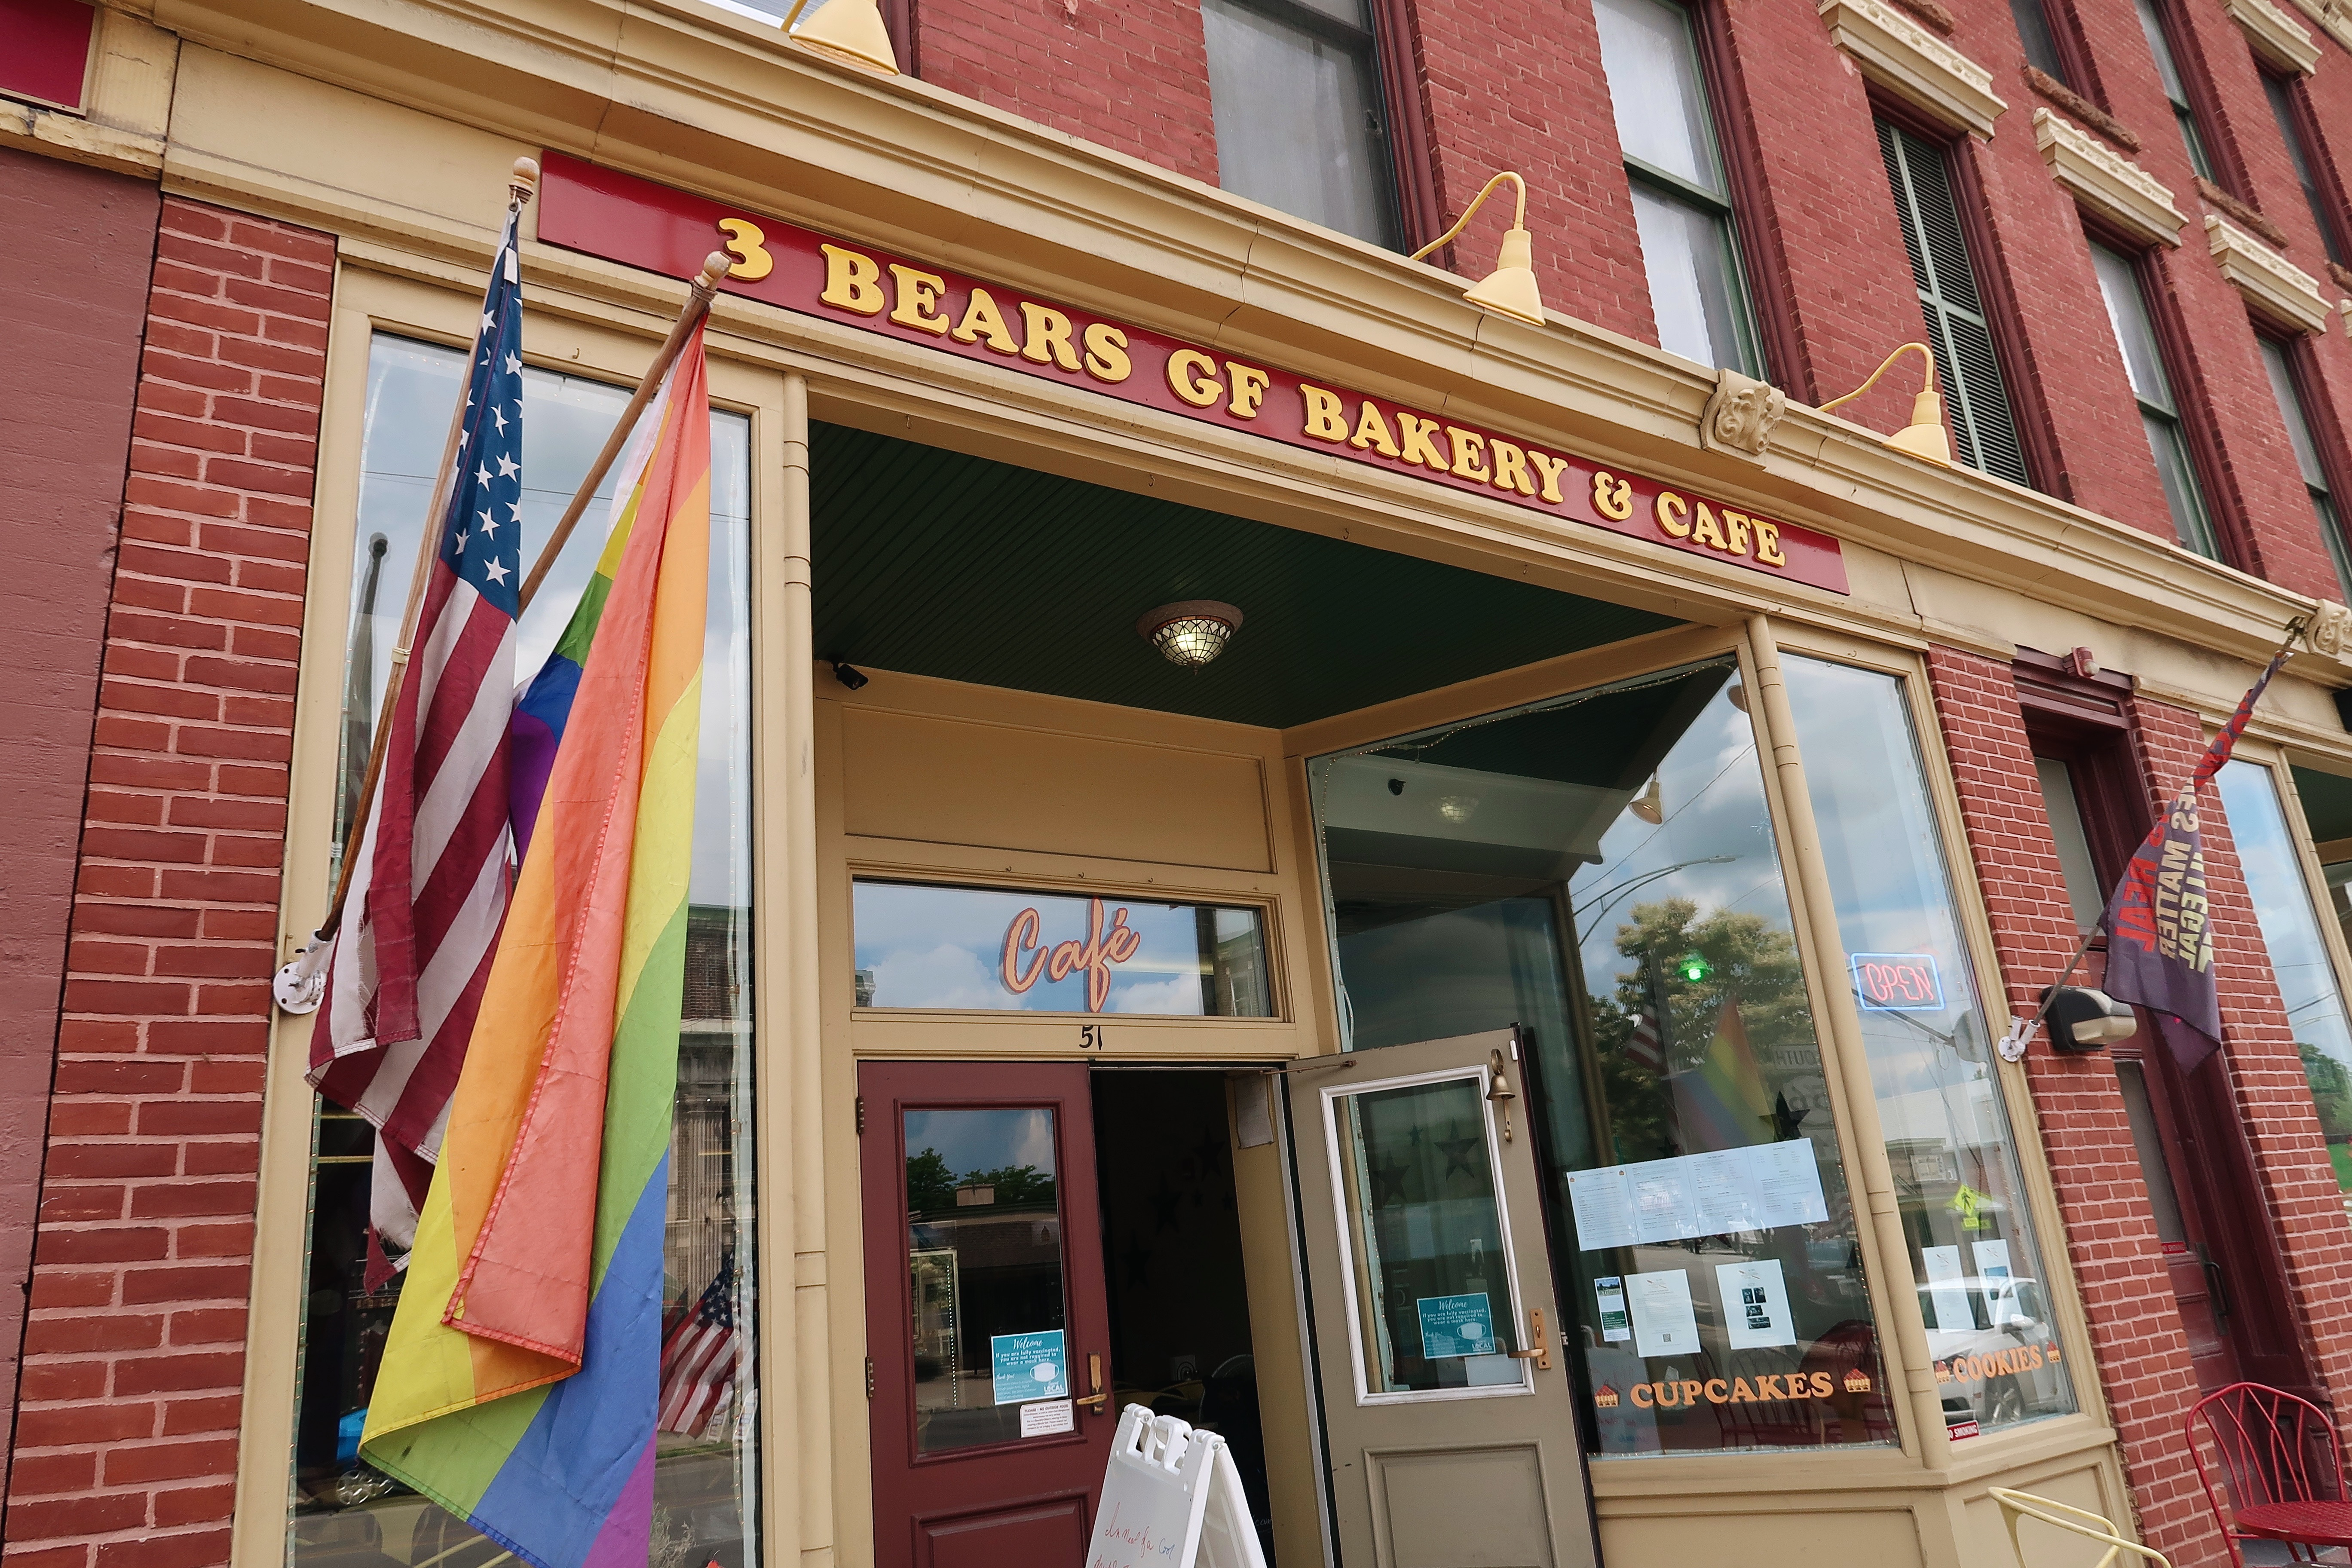 3 Bears Gluten Free Bakery